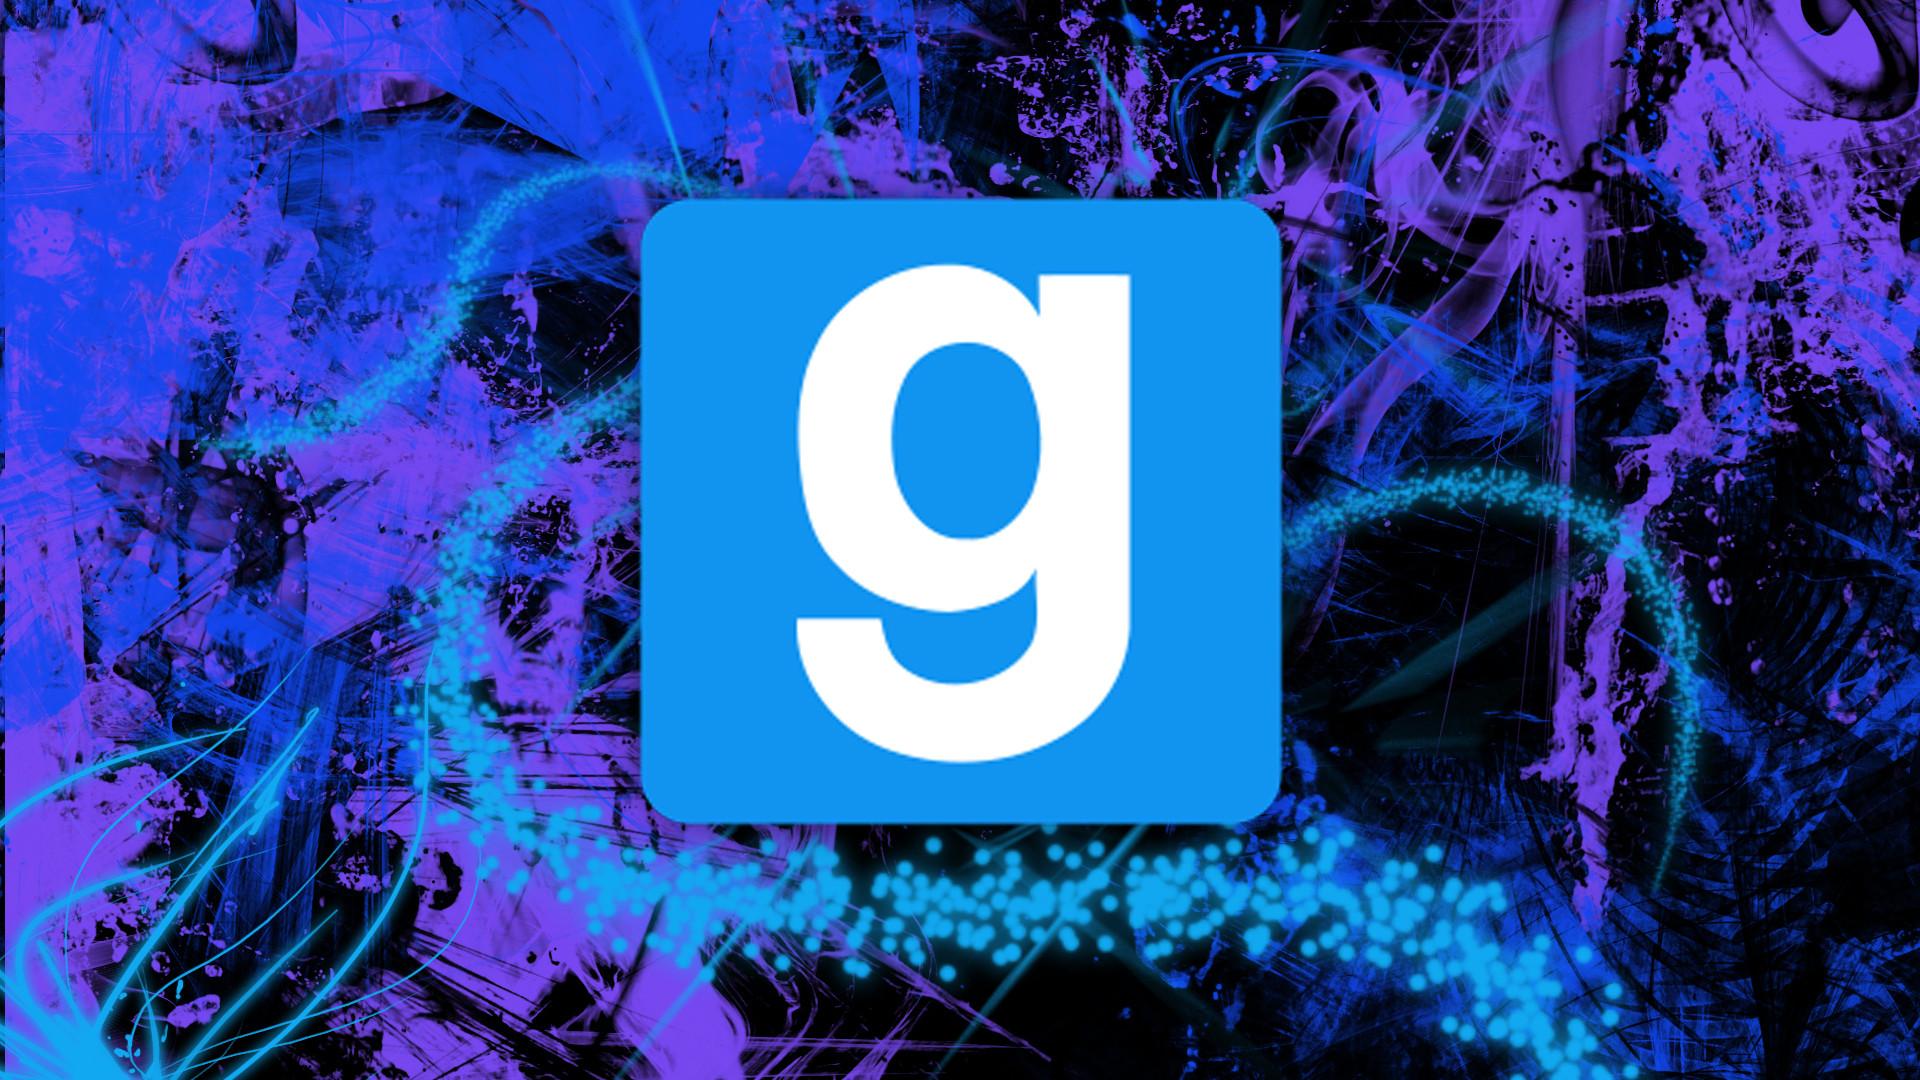 garry s mod in abstarct by karl97 fan art wallpaper games 2012 2013 .